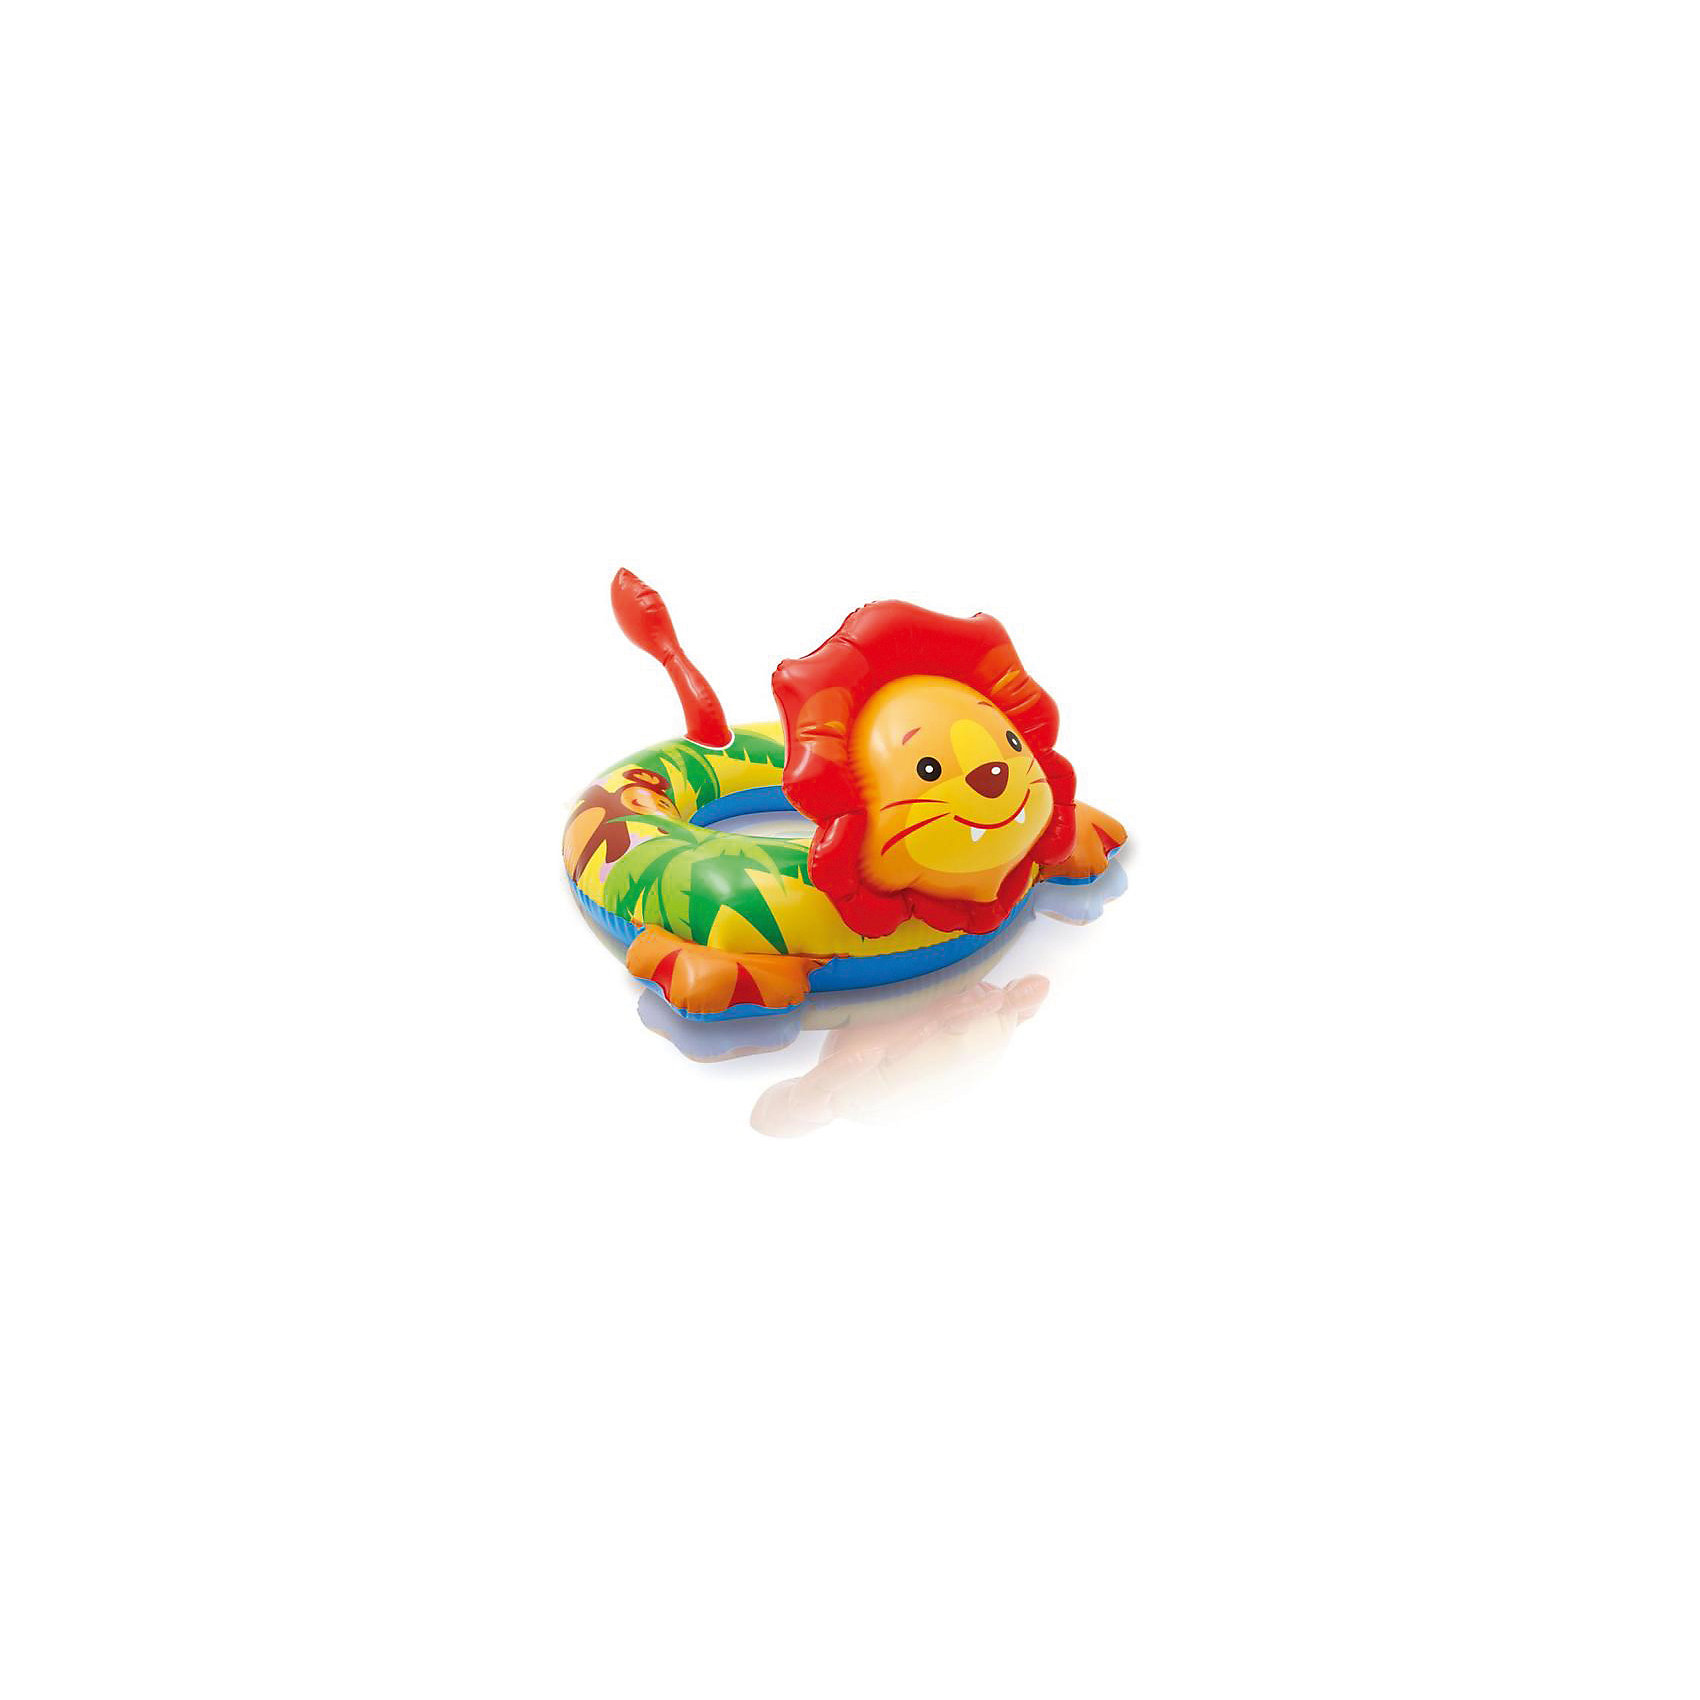 Детский надувной круг Зверюшка - Лев, IntexКруги и нарукавники<br>Детский надувной круг Зверюшка, Intex (Интекс) замечательно подойдет для обучения малыша плаванию. Круг оформлен в виде очаровательной зверюшки, и теперь водные игры станут еще веселее и интереснее!  Такой надувной круг станет незаменимым атрибутом летнего отдыха.  Дополнительная информация:  - Размер: 81 x 56 см - Материал: винил - Толщина винила 0,20 мм. - Максимальная нагрузка до 20 кг. - Гладкий внутренний шов.   Детский надувной круг Зверюшка, Intex (Интекс) можно купить в нашем интернет-магазине.<br><br>Ширина мм: 190<br>Глубина мм: 128<br>Высота мм: 40<br>Вес г: 282<br>Возраст от месяцев: 36<br>Возраст до месяцев: 72<br>Пол: Унисекс<br>Возраст: Детский<br>SKU: 4801494